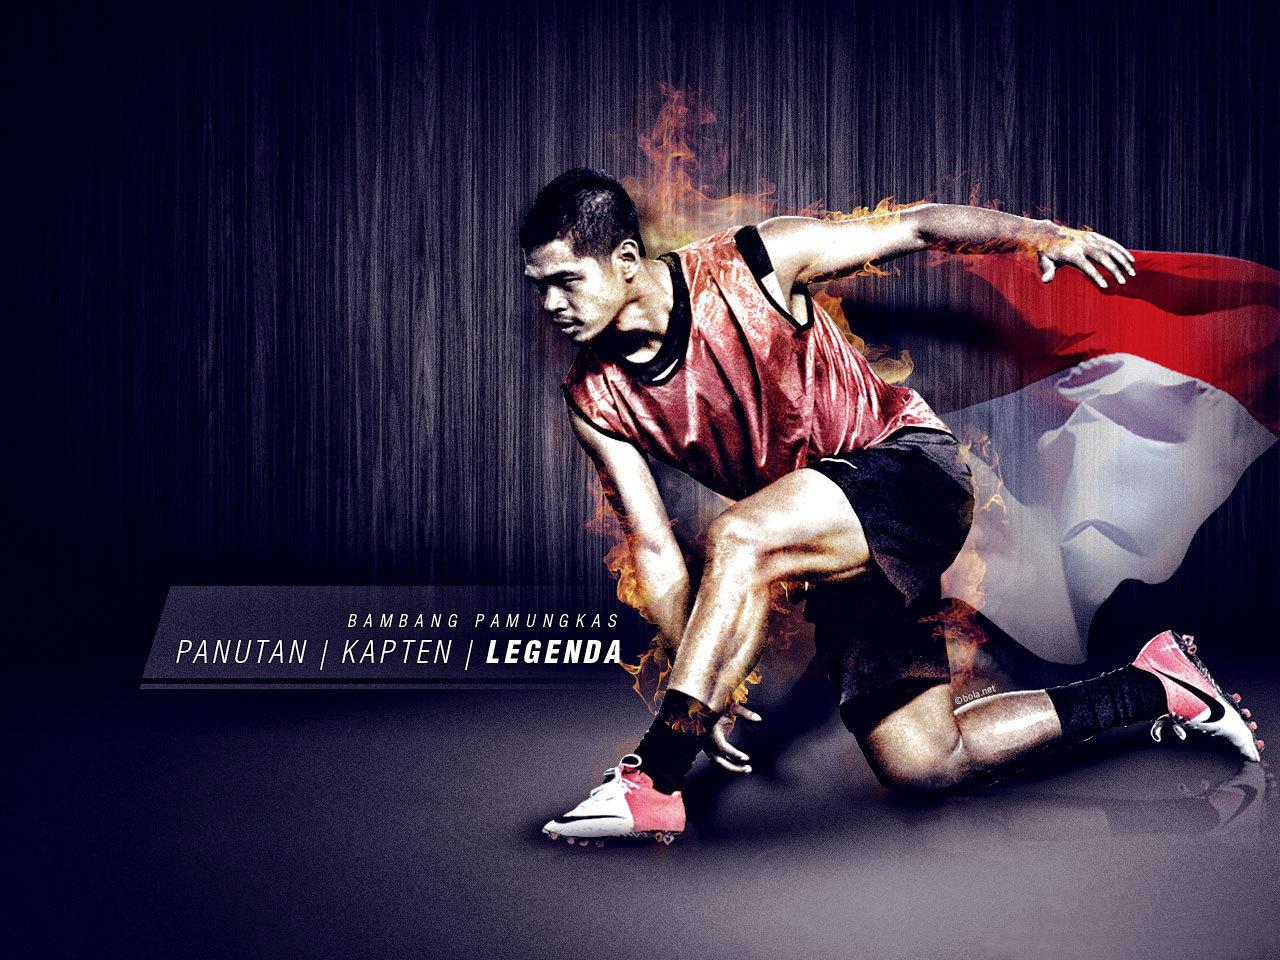 Wallpaper Hd Pemain Sepak Bola